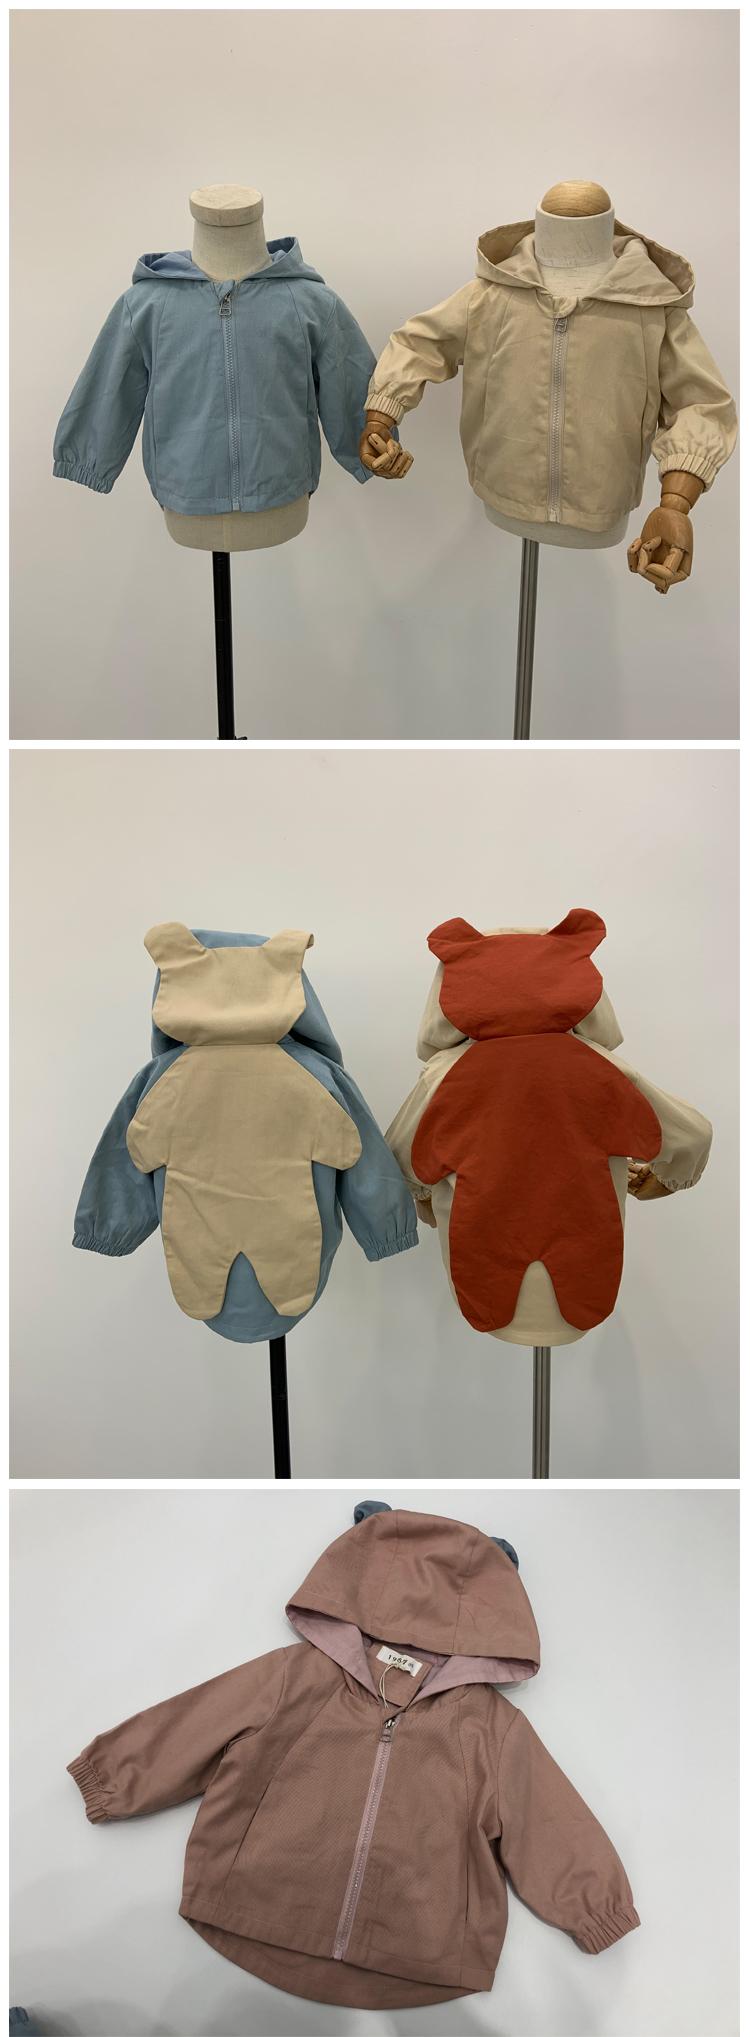 Новая весенняя одежда для детей в Корейском стиле милые детские пальто весеннее пальто для мальчиков и девочек